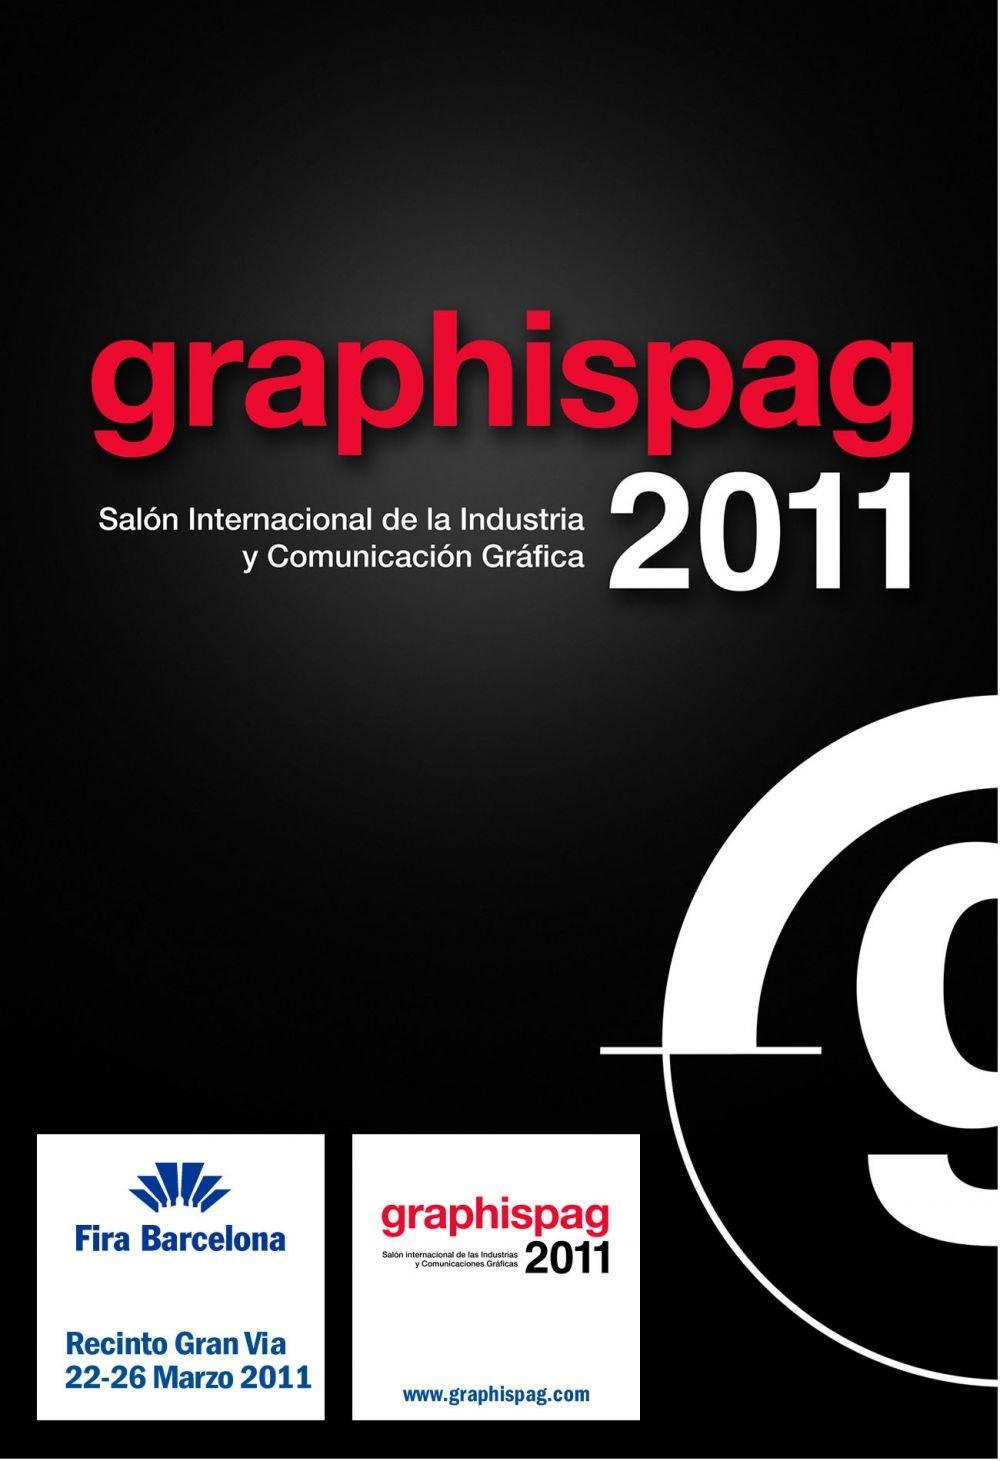 Graphispag 2011